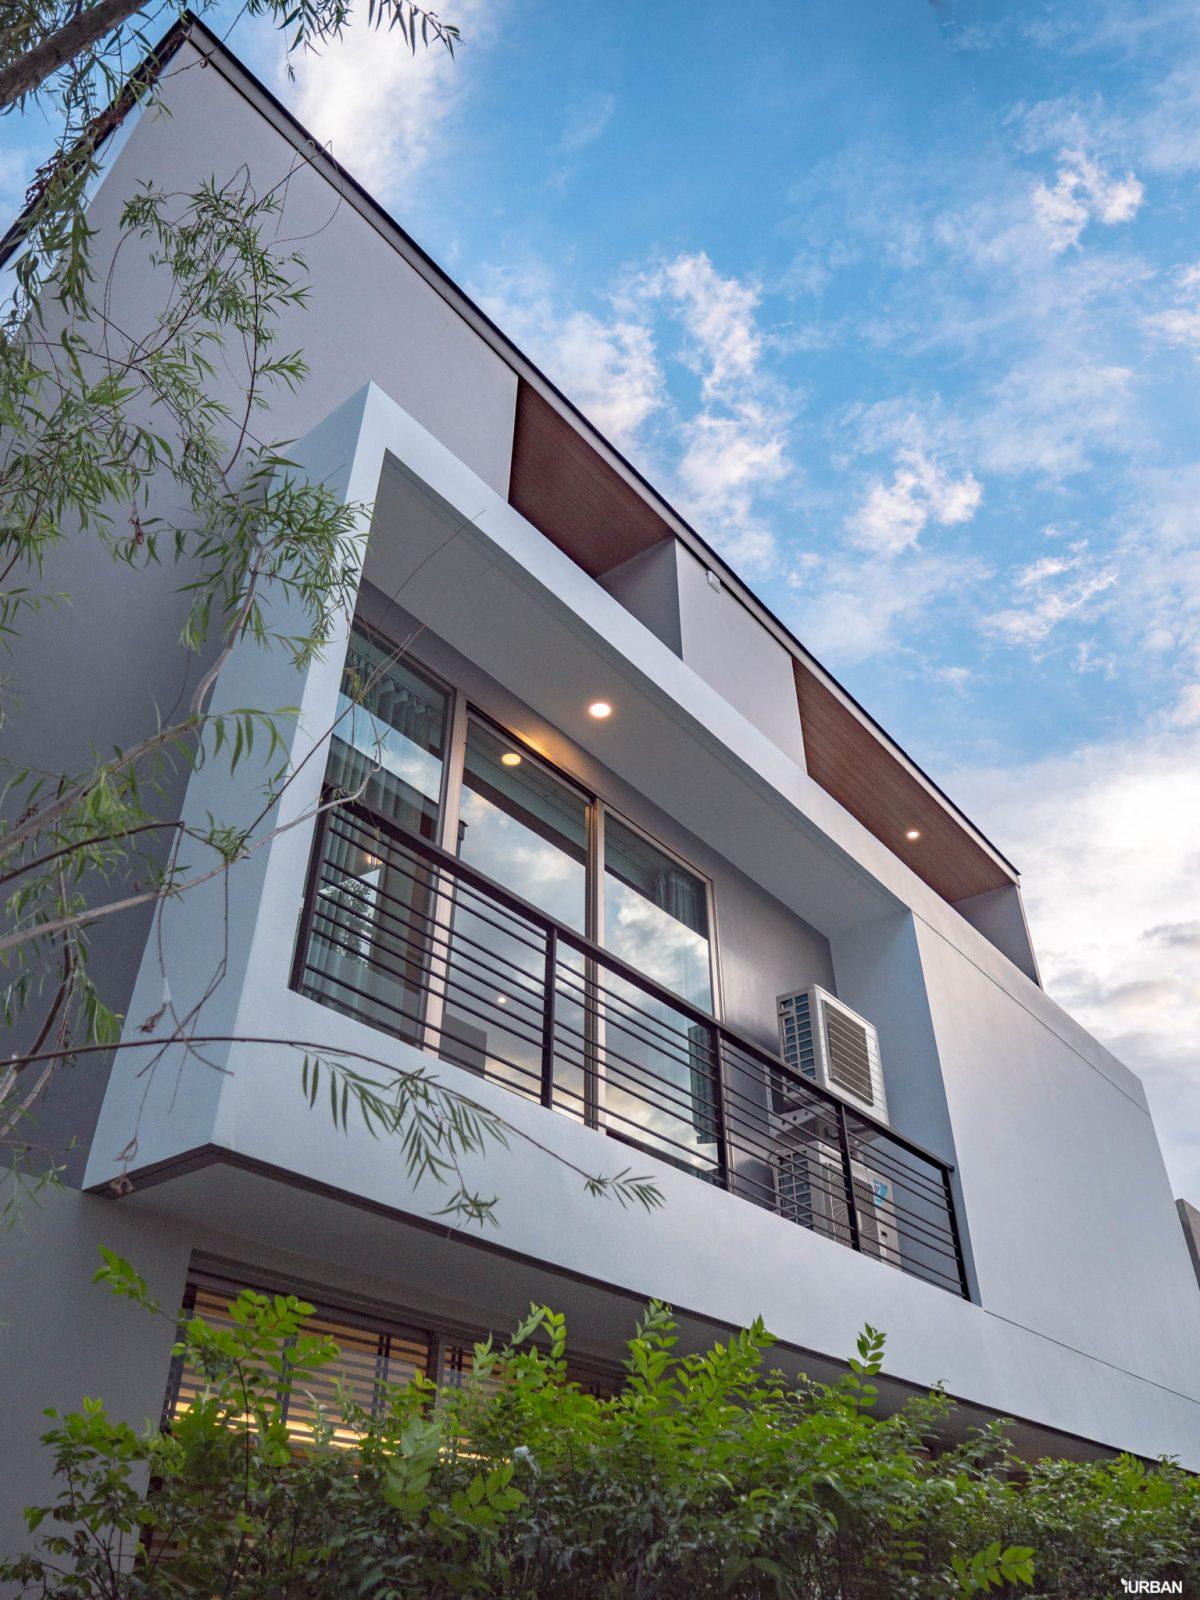 รีวิว Nirvana BEYOND Udonthani บ้านเดี่ยว 3 ชั้น ดีไซน์บิดสุดโมเดิร์น บนที่ดินสุดท้ายหน้าหนองประจักษ์ 199 - Luxury